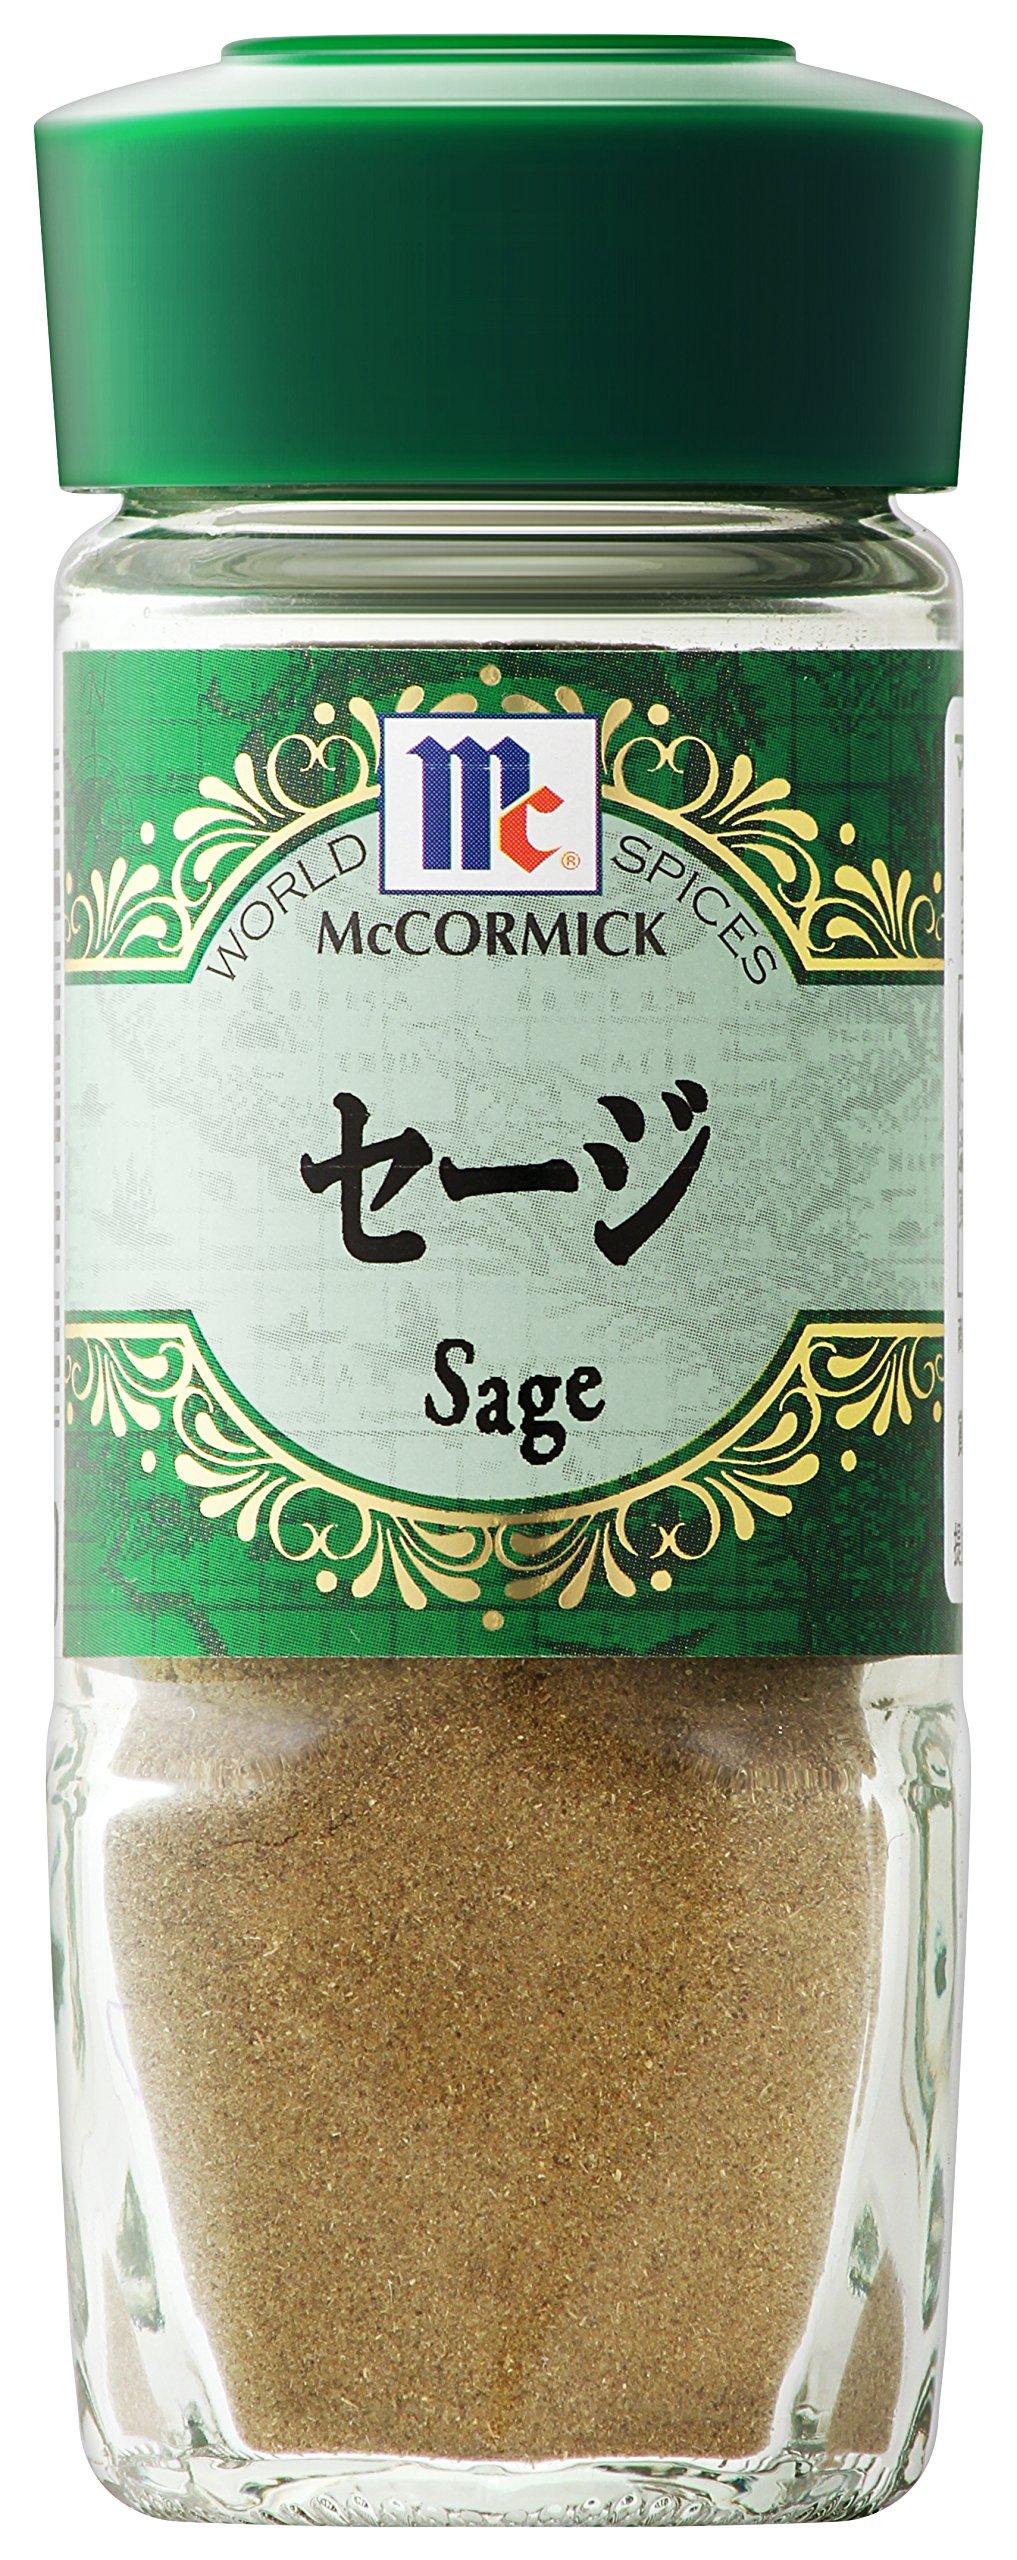 Yuki MC WS sage 15g